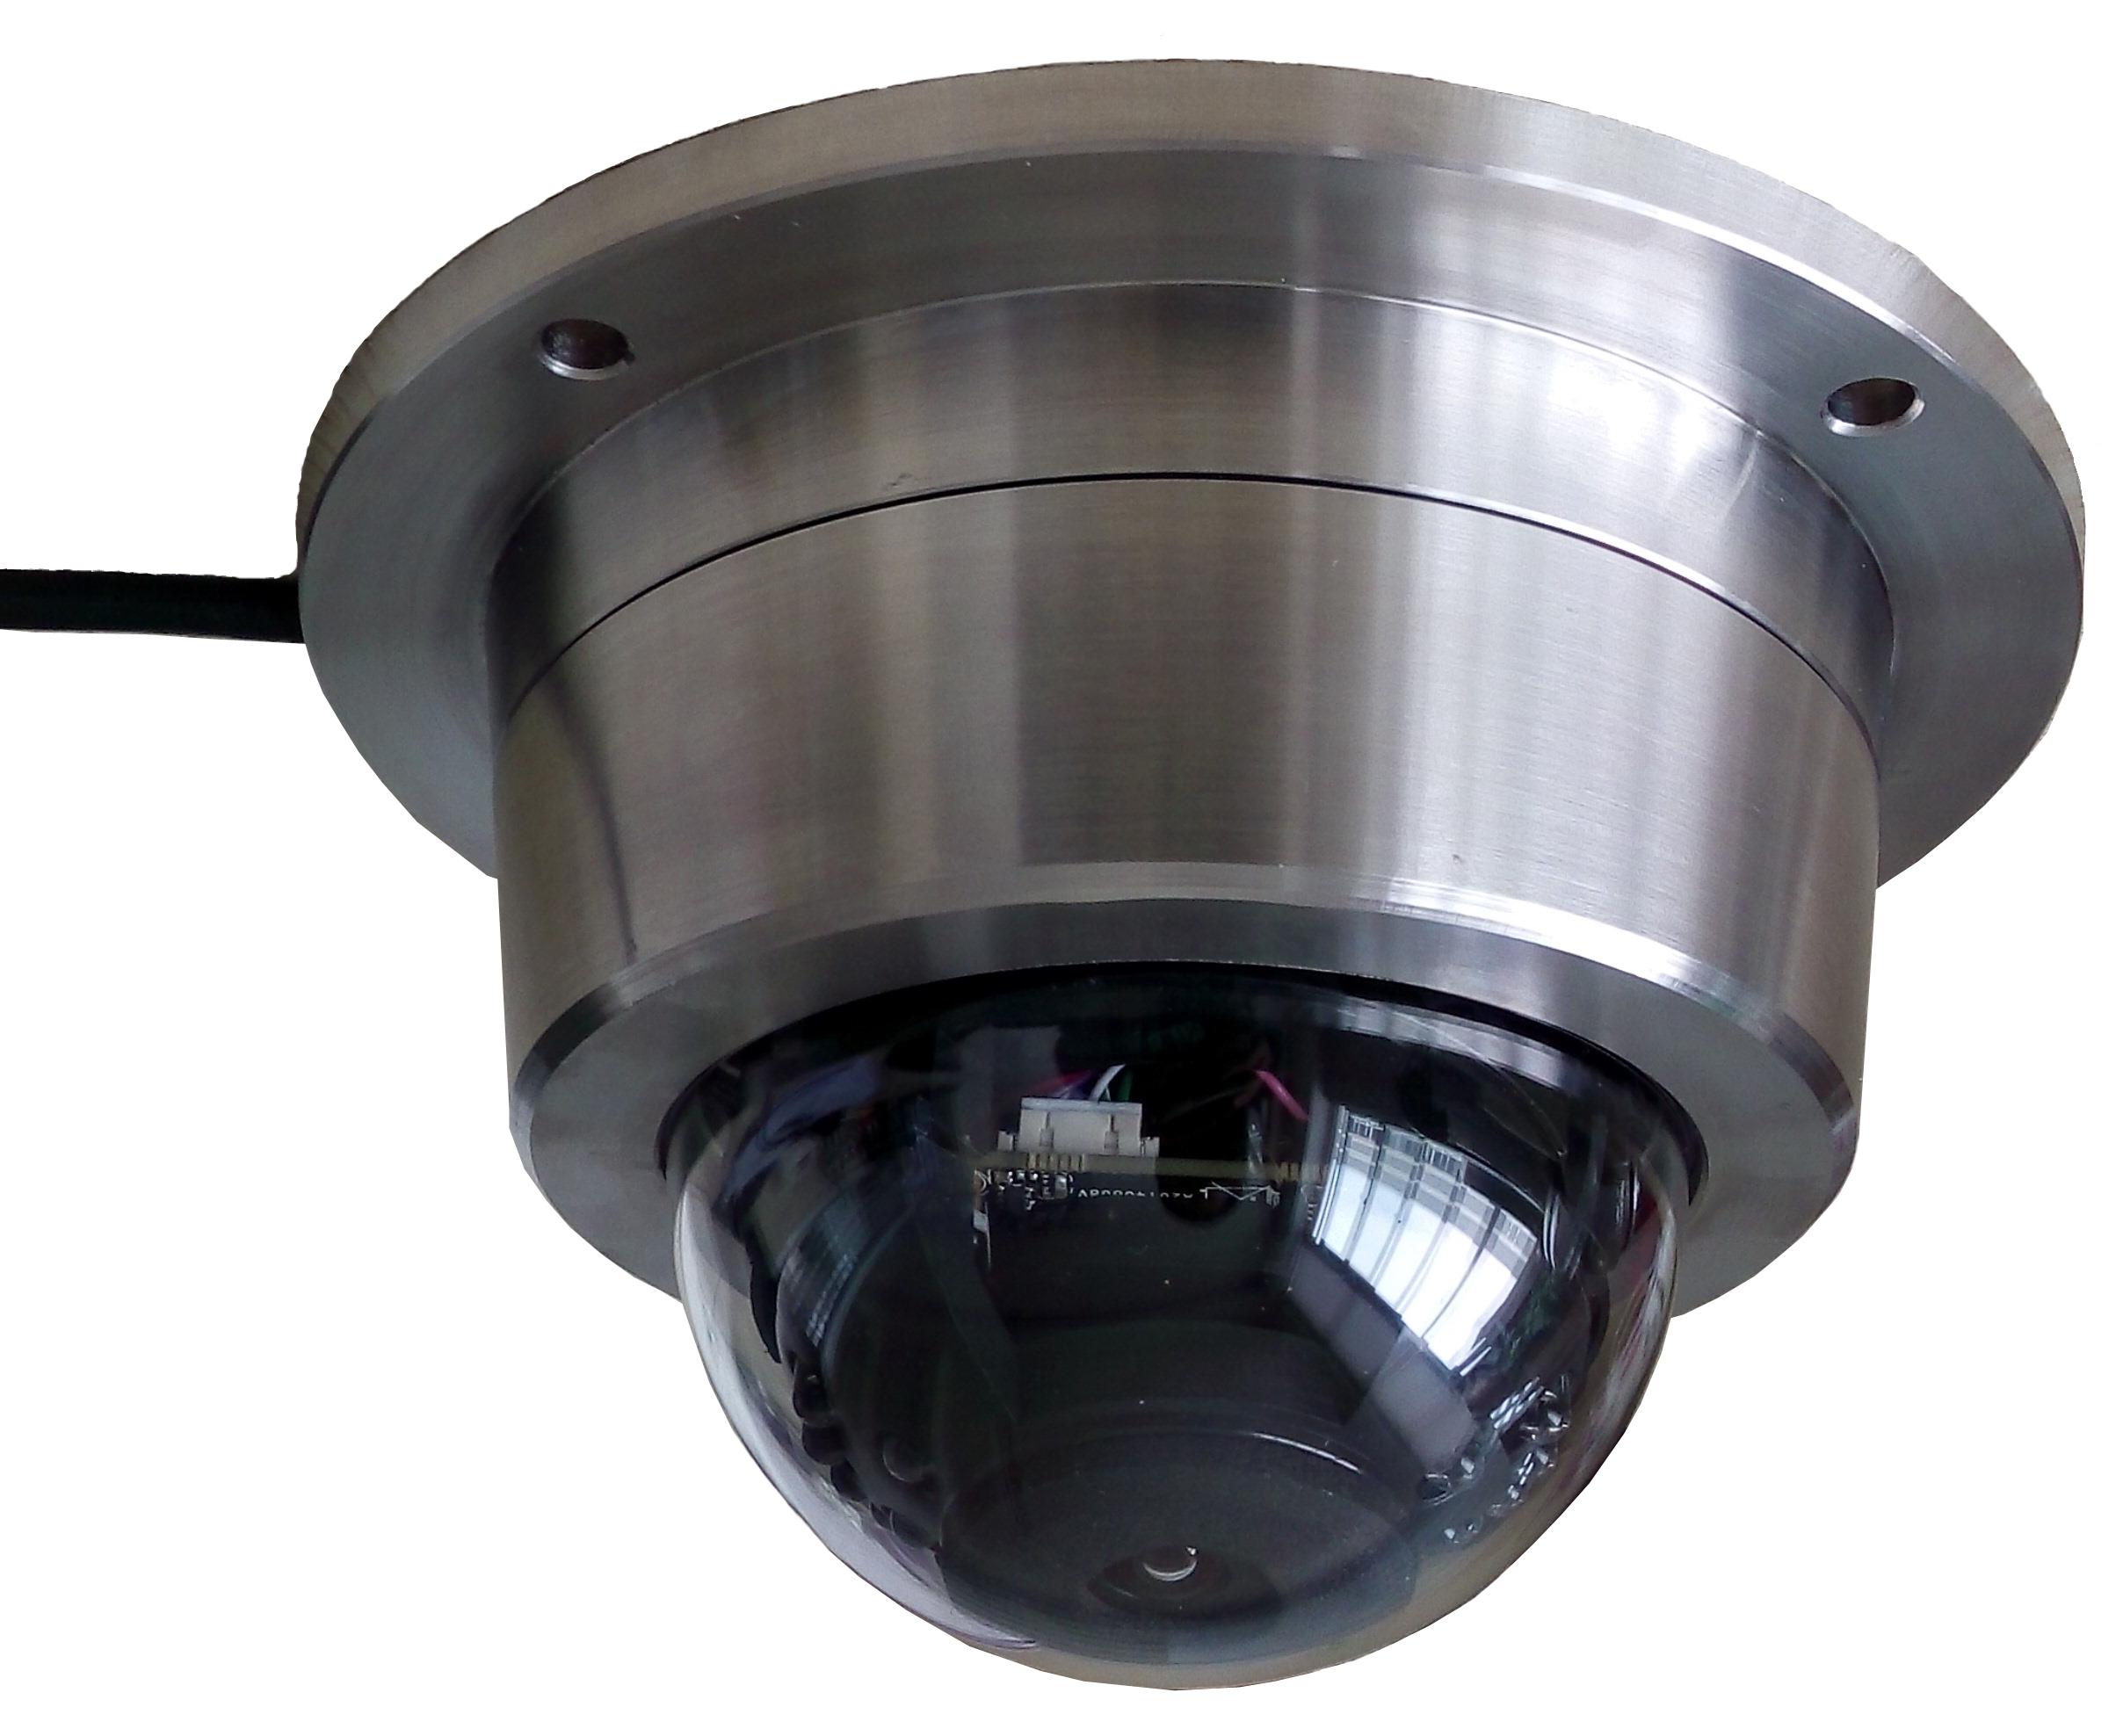 KSC-080IR